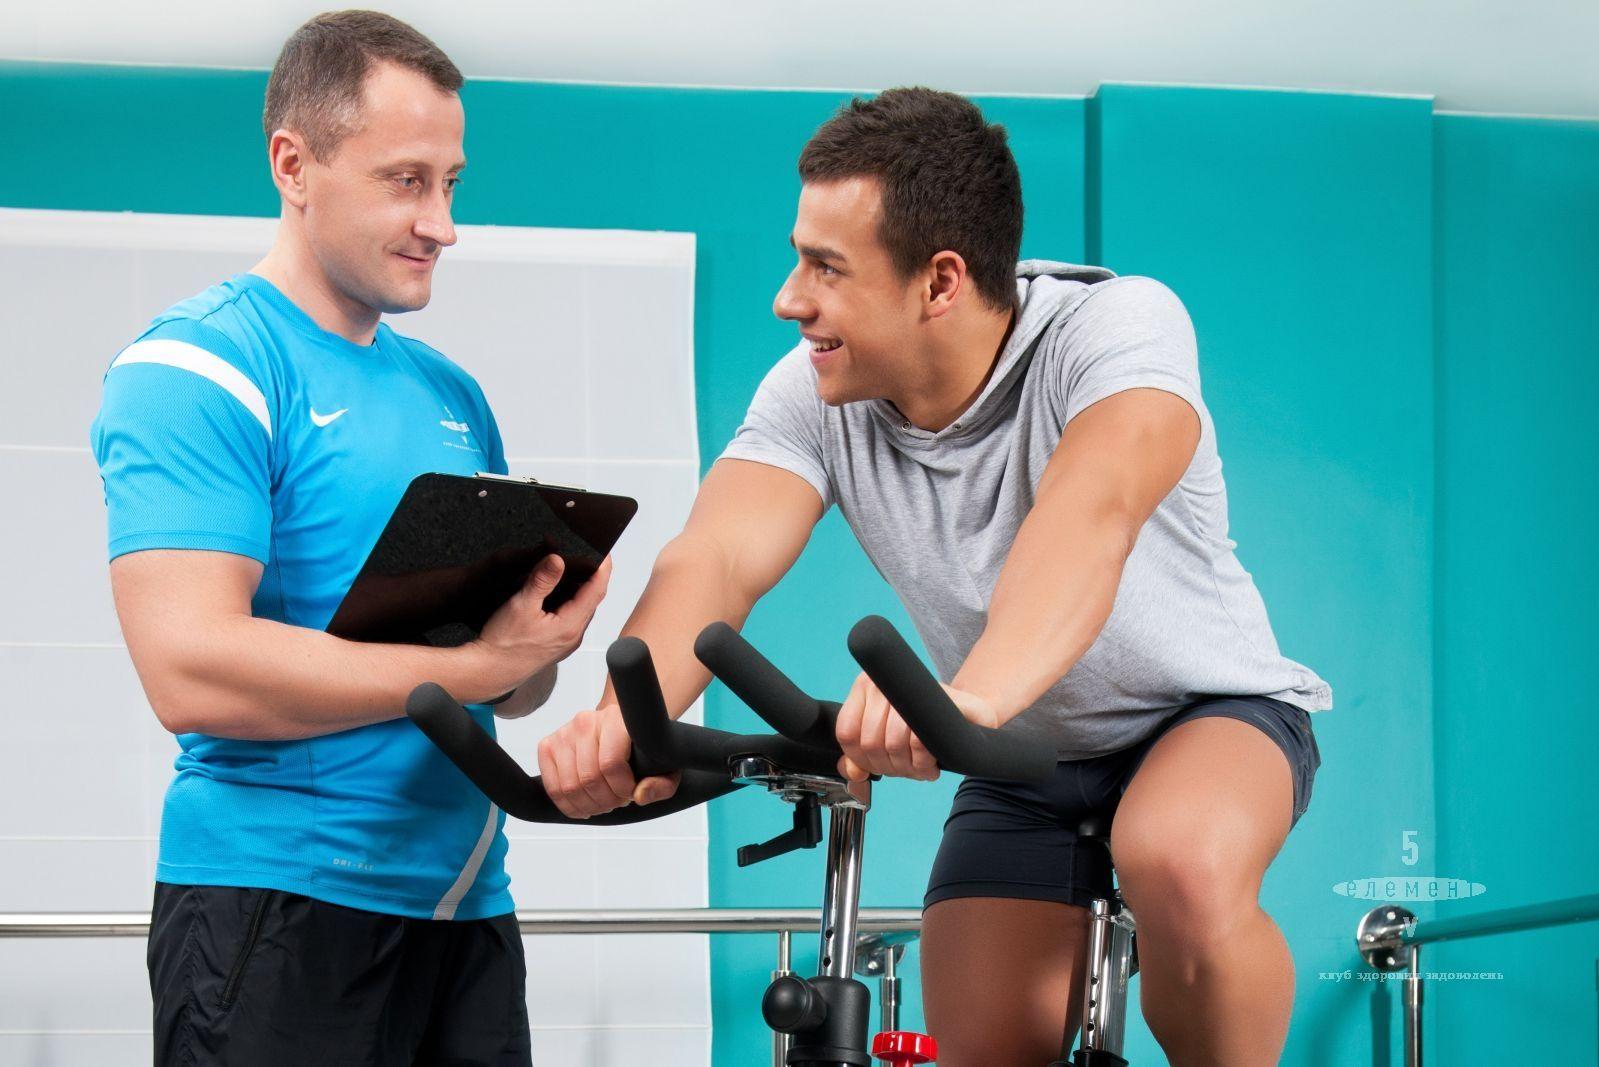 Як скласти програму тренувань: розробка плану тренувань— фітнес-клуб 5 елемент